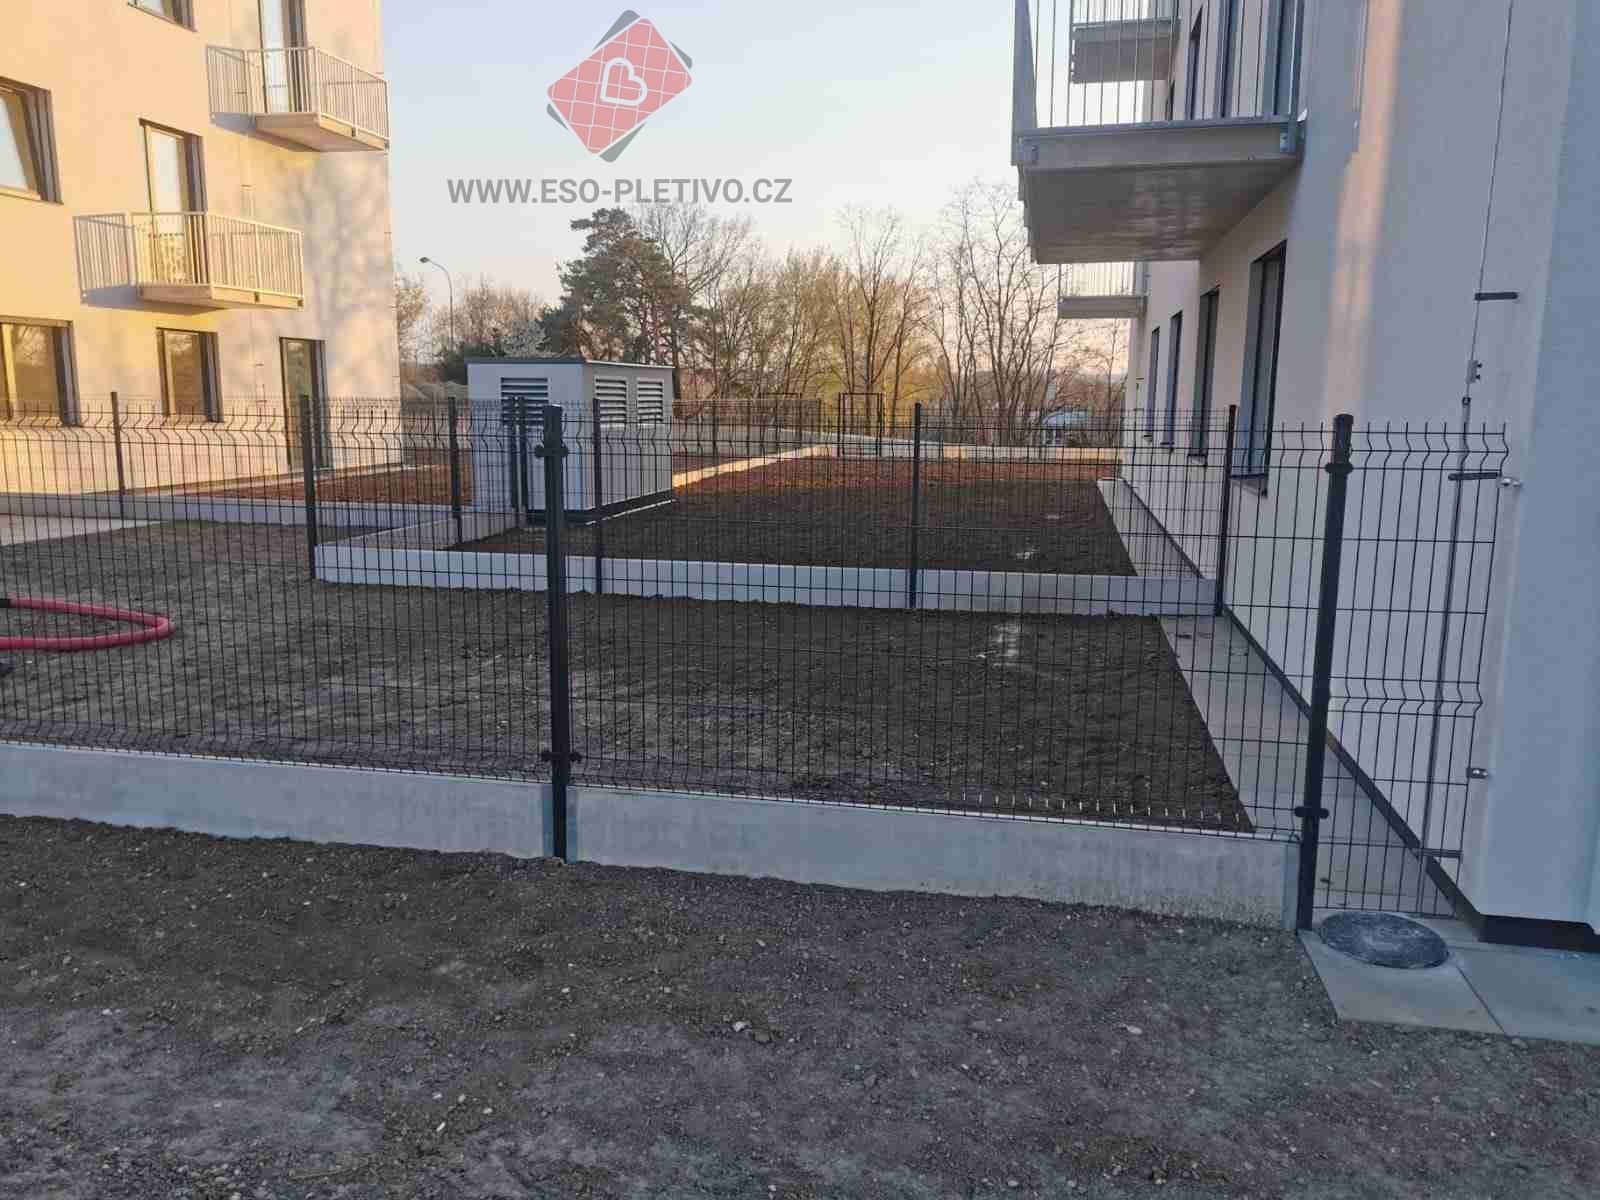 plot z plotových dílců